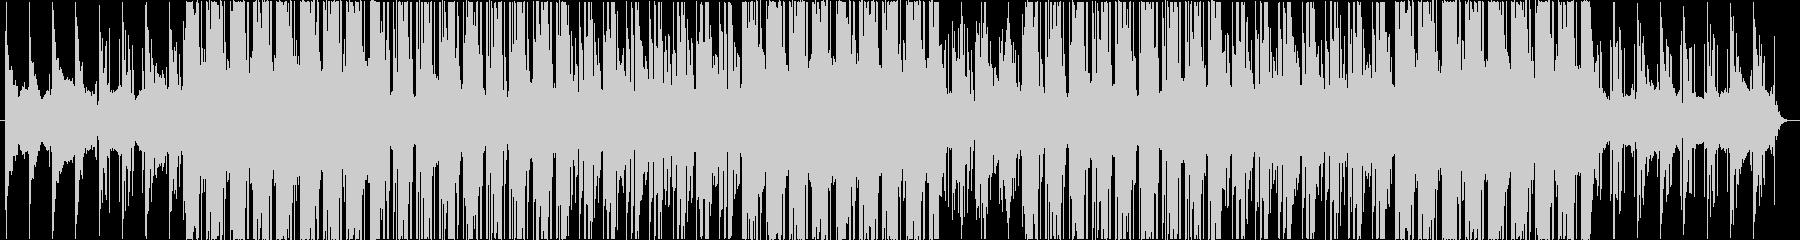 夜に浸る和風 Lo-Fi HIPHOPの未再生の波形